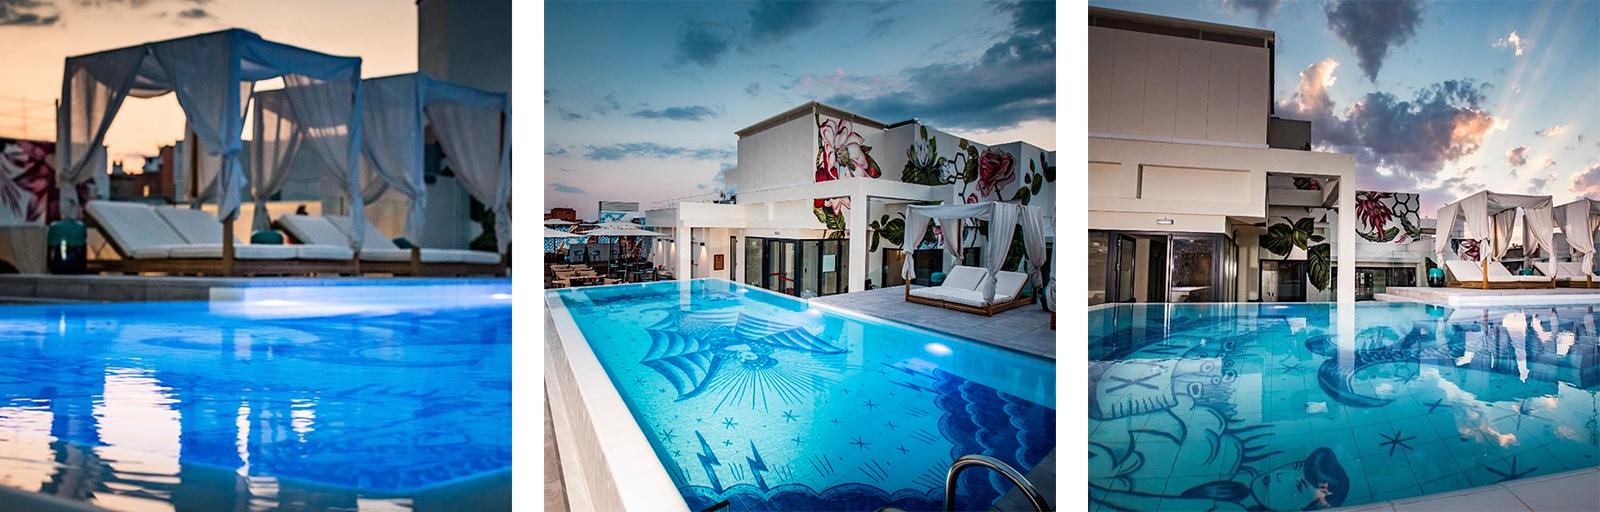 terraza piscina madrid nyx hotel